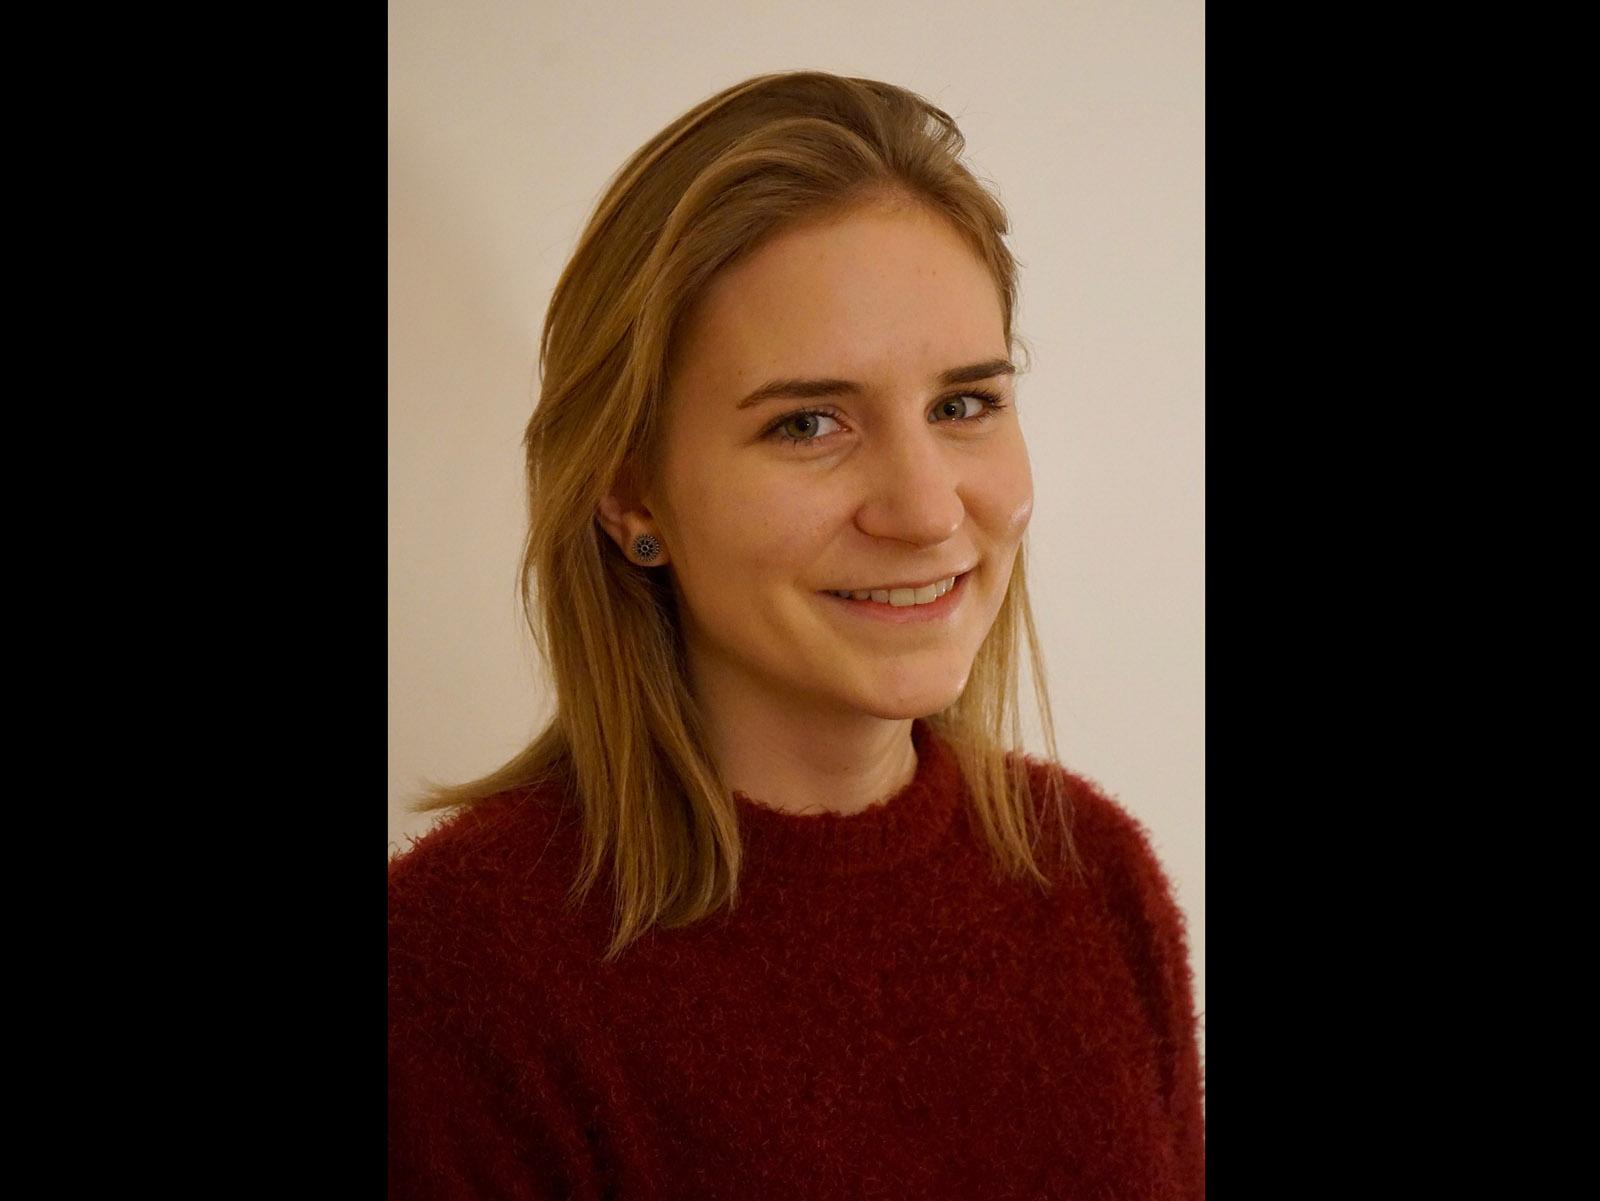 Leidenschaftliche Lehrerin mit einem Flair für praktische Dinge: Nadine Schwendener.